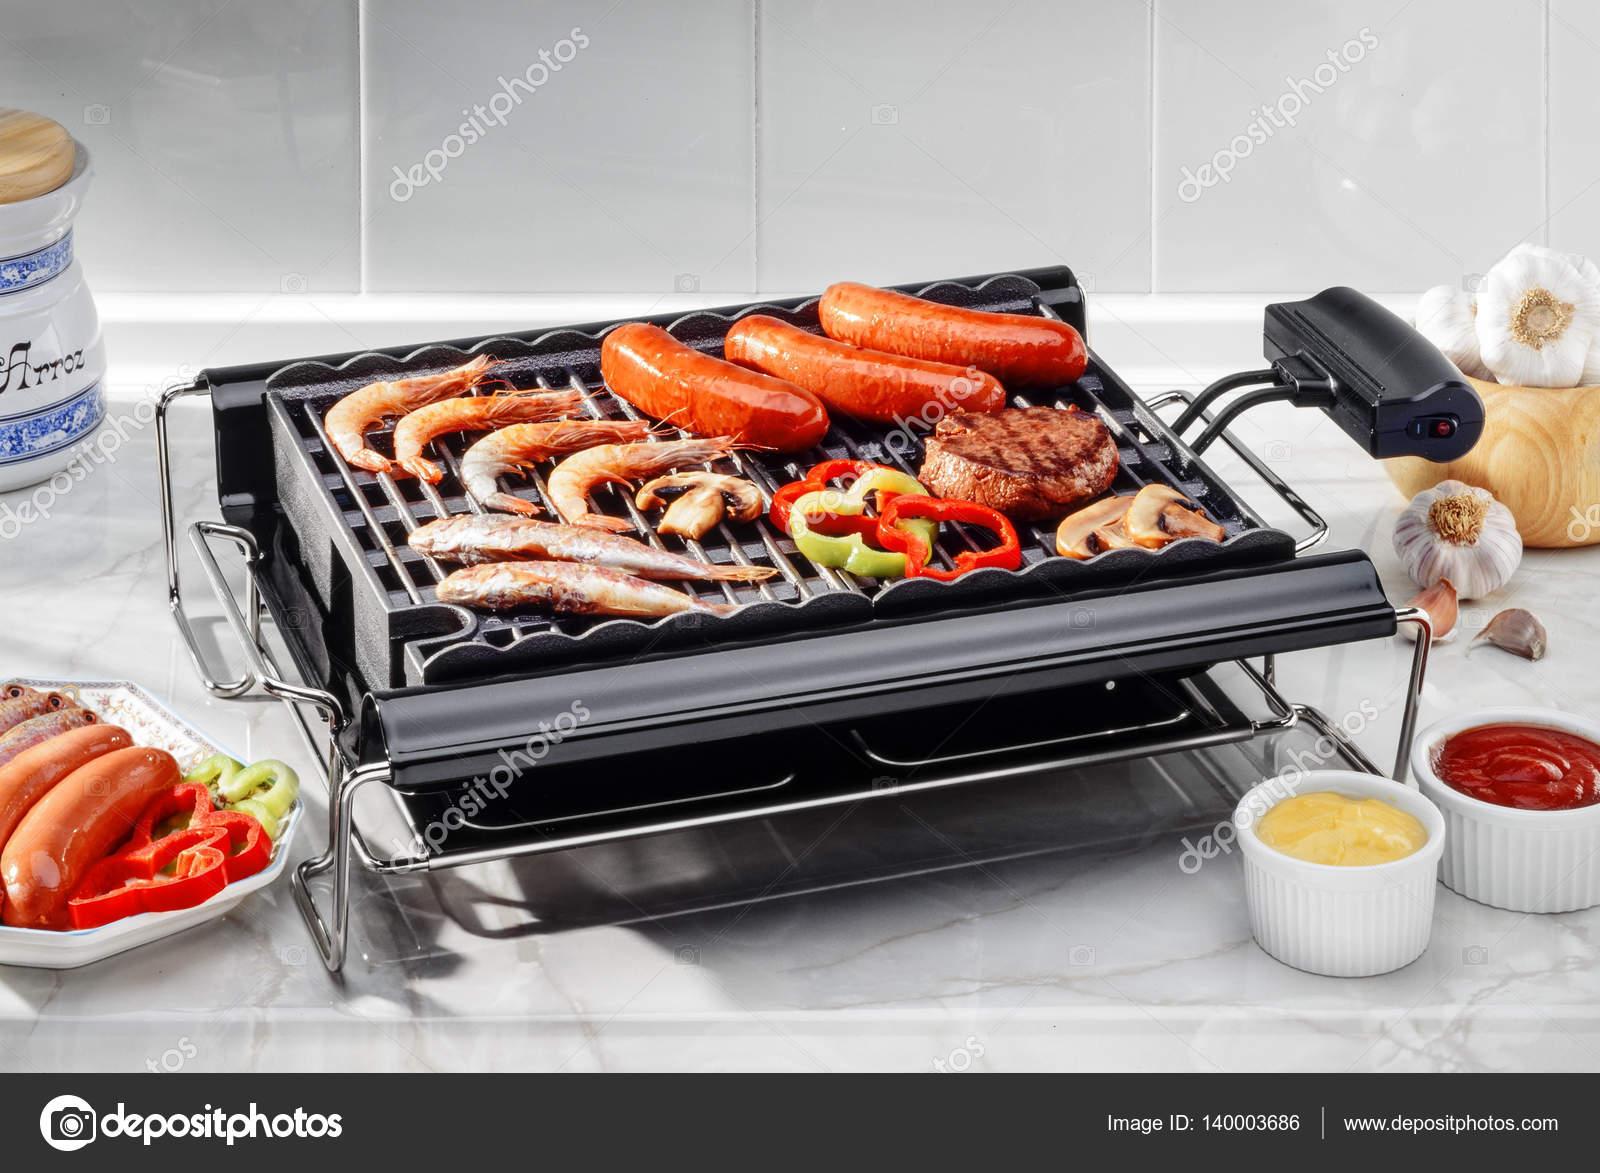 barbecue lectrique avec poisson et viande photographie estudiosaavedra 140003686. Black Bedroom Furniture Sets. Home Design Ideas